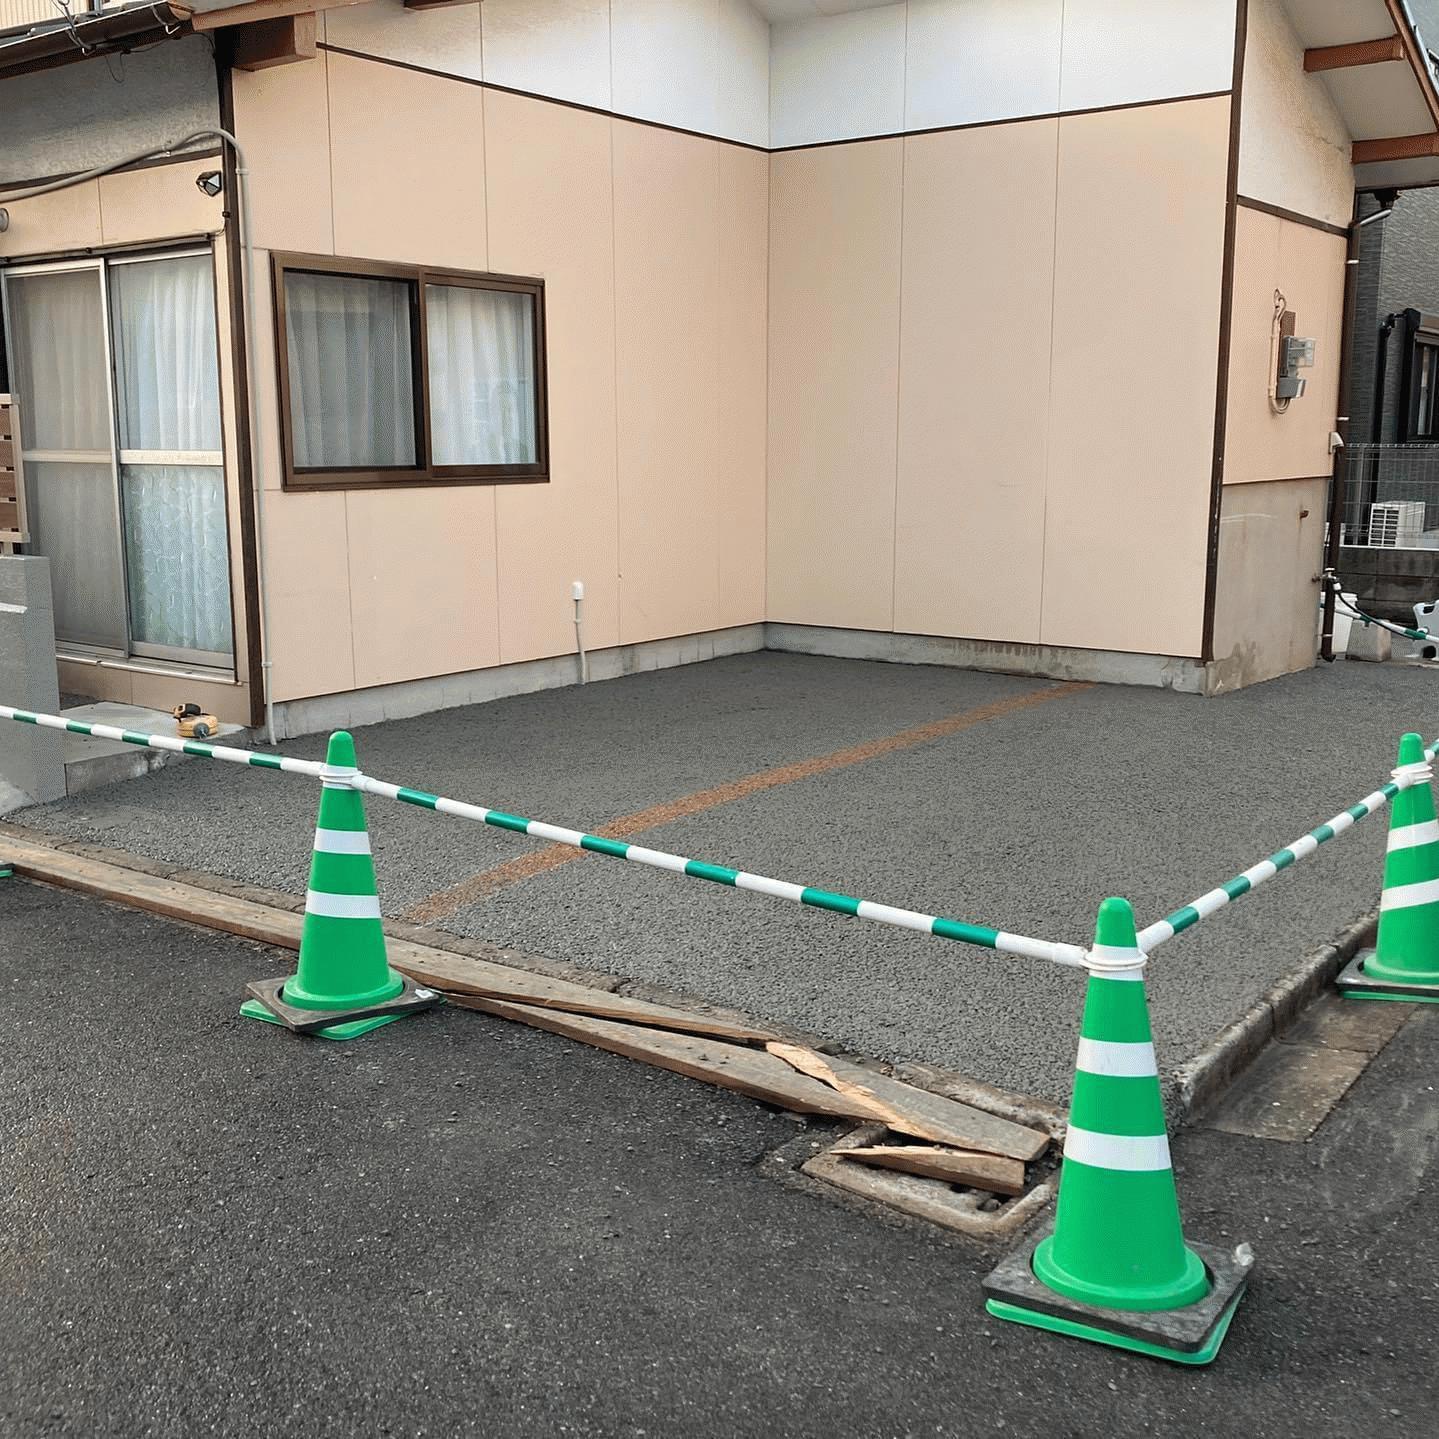 【福岡】「北九州エリアの生コン製造者の協力を得られないという逆境」大分綜合建設・All round